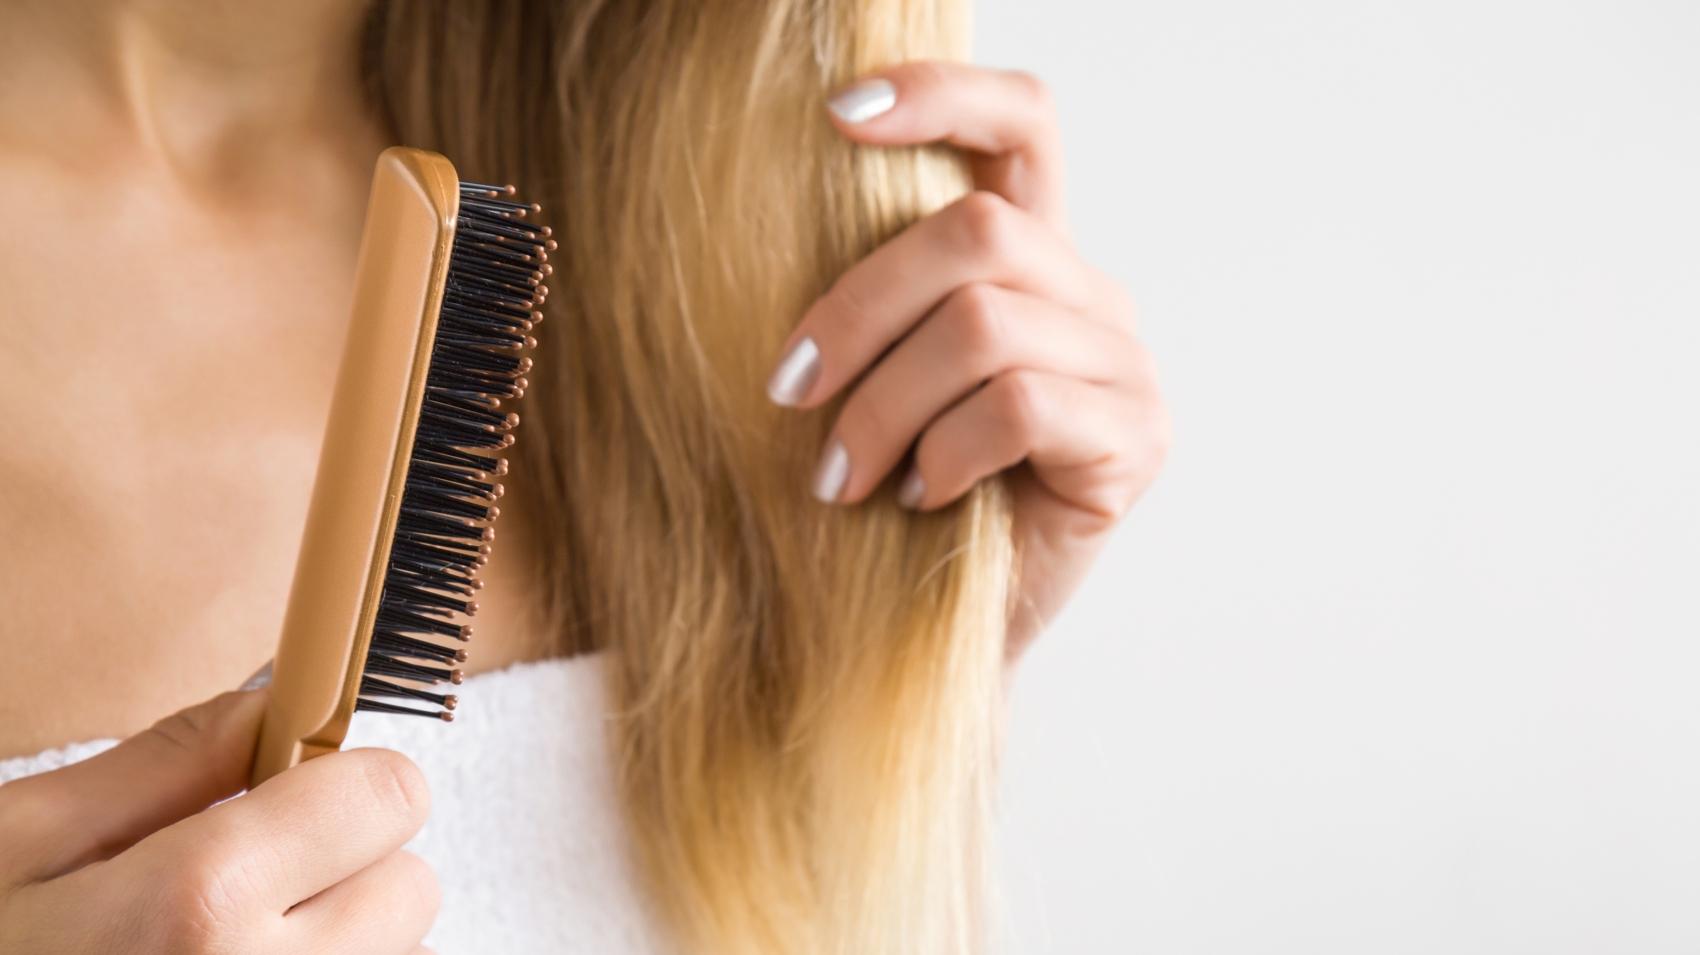 Caduta dei capelli  quando preoccuparsi e come intervenire a34a6061bf74